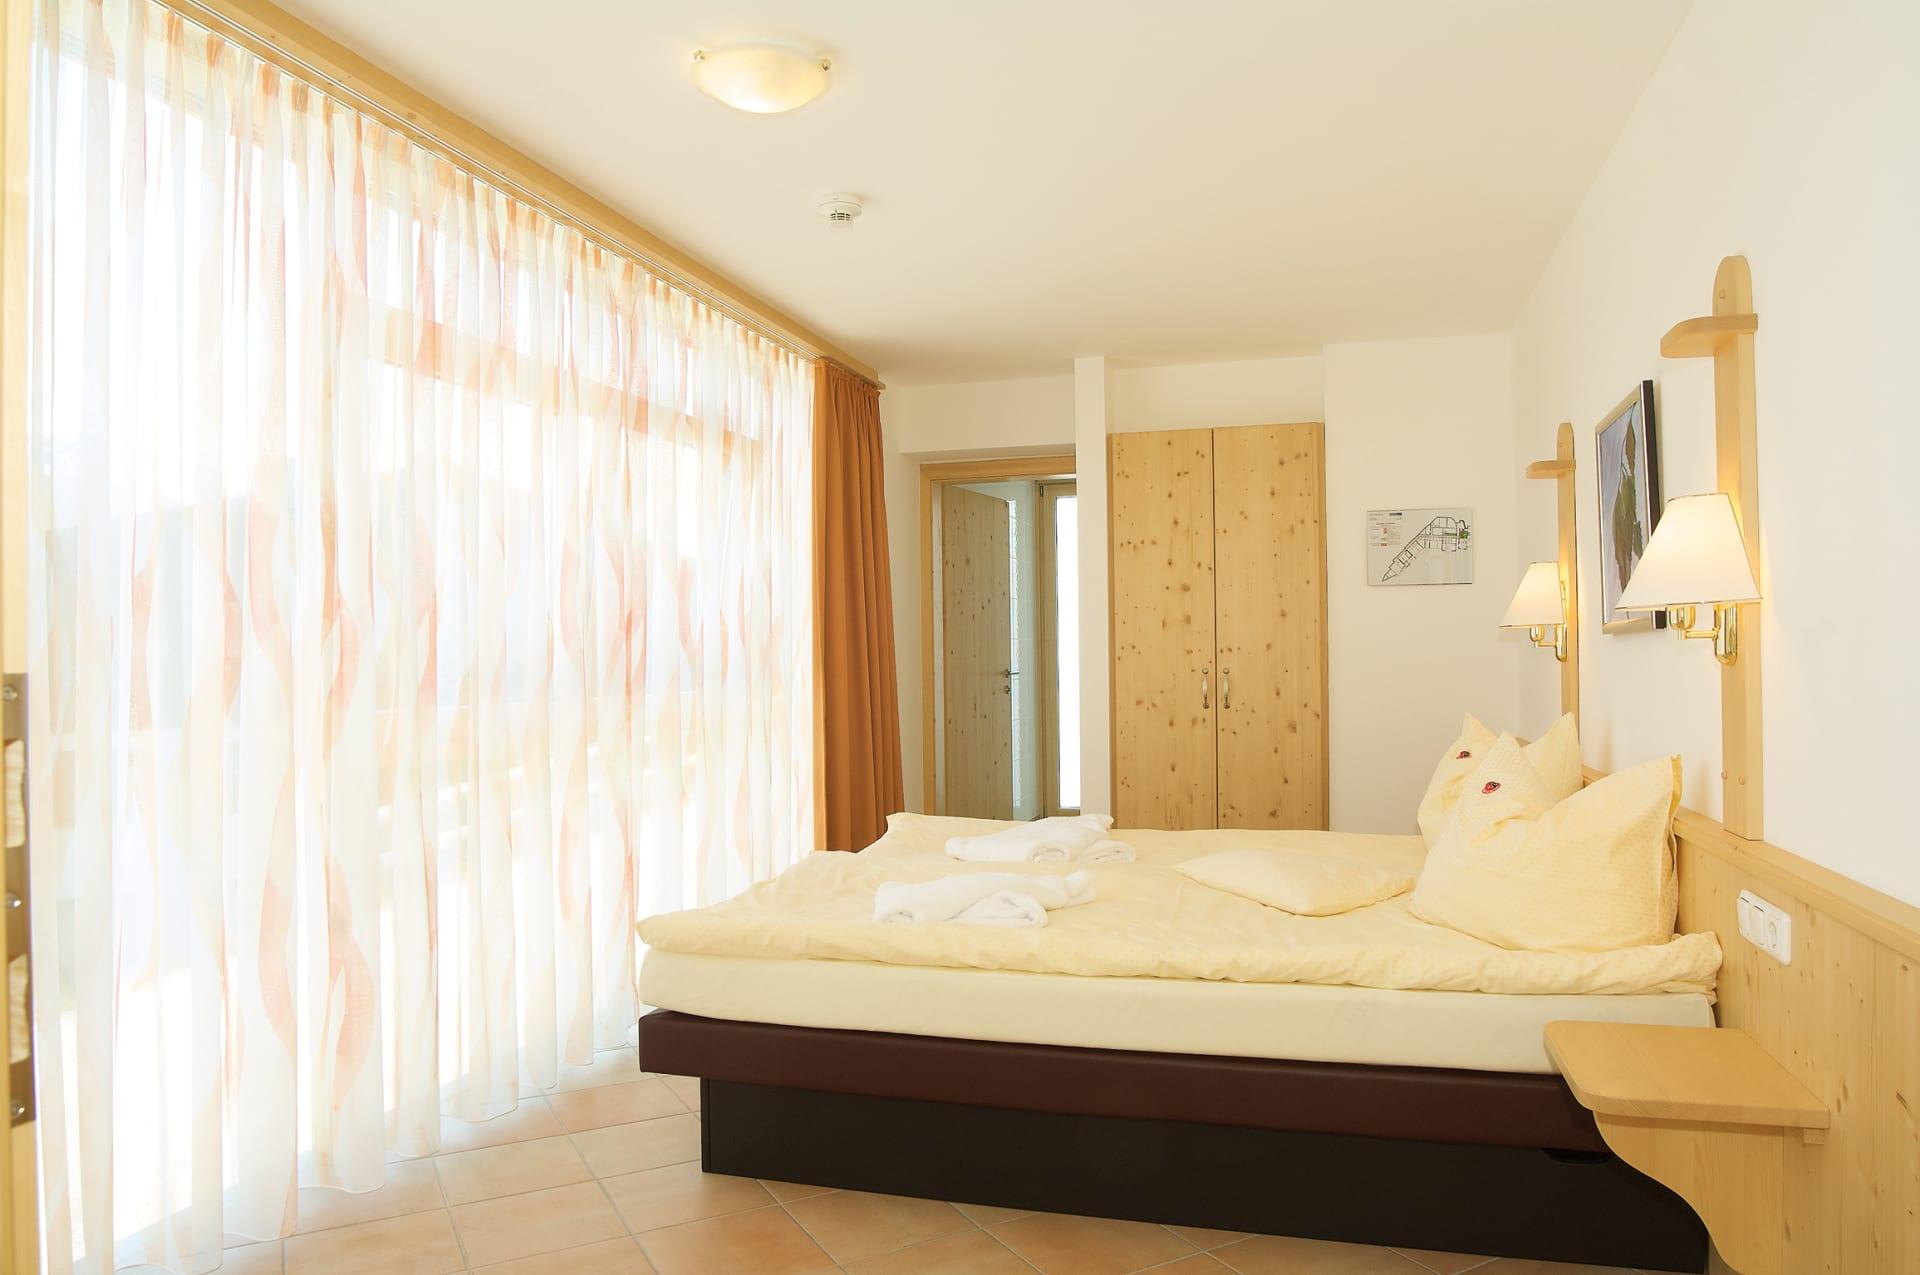 3 Zimmer Appartement Pluto